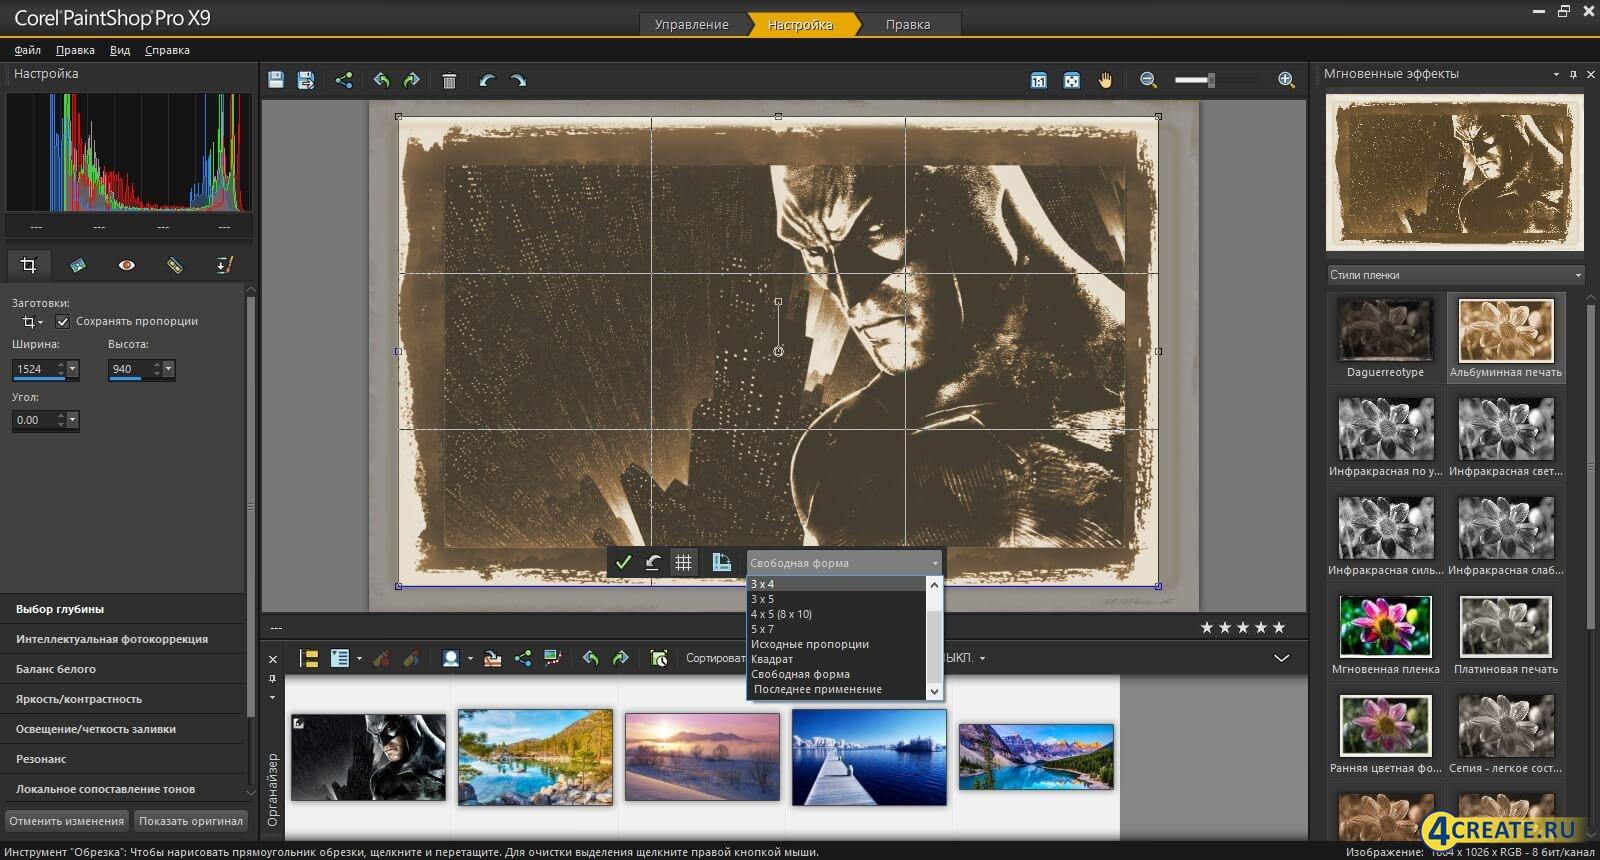 Corel PaintShop Pro X9 (Скриншот 2)